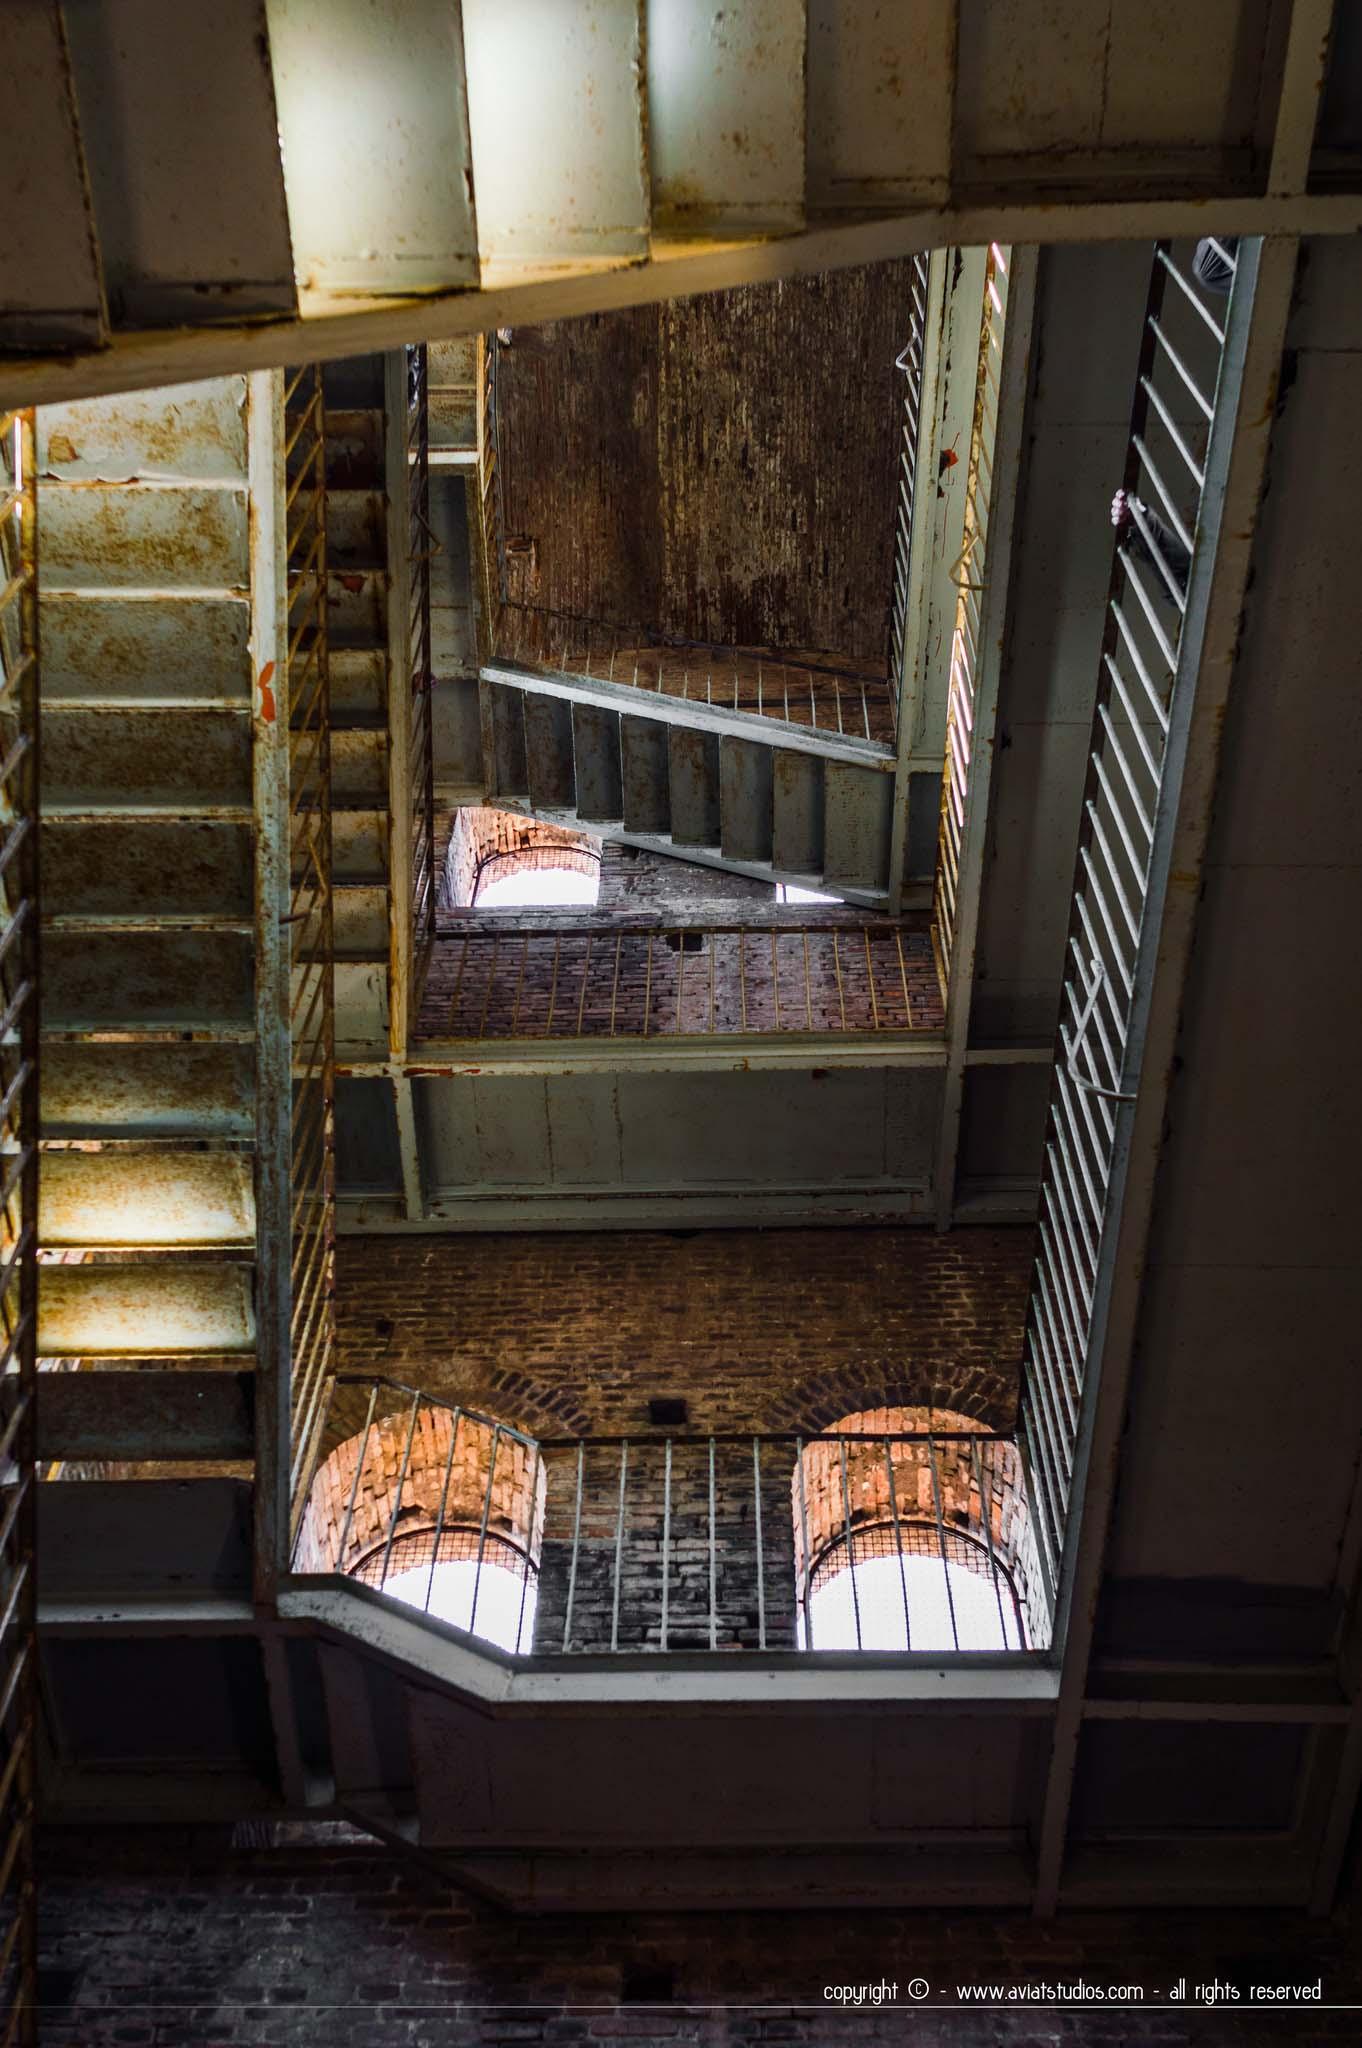 Les escaliers menant au jardin de la Torre Guinigi